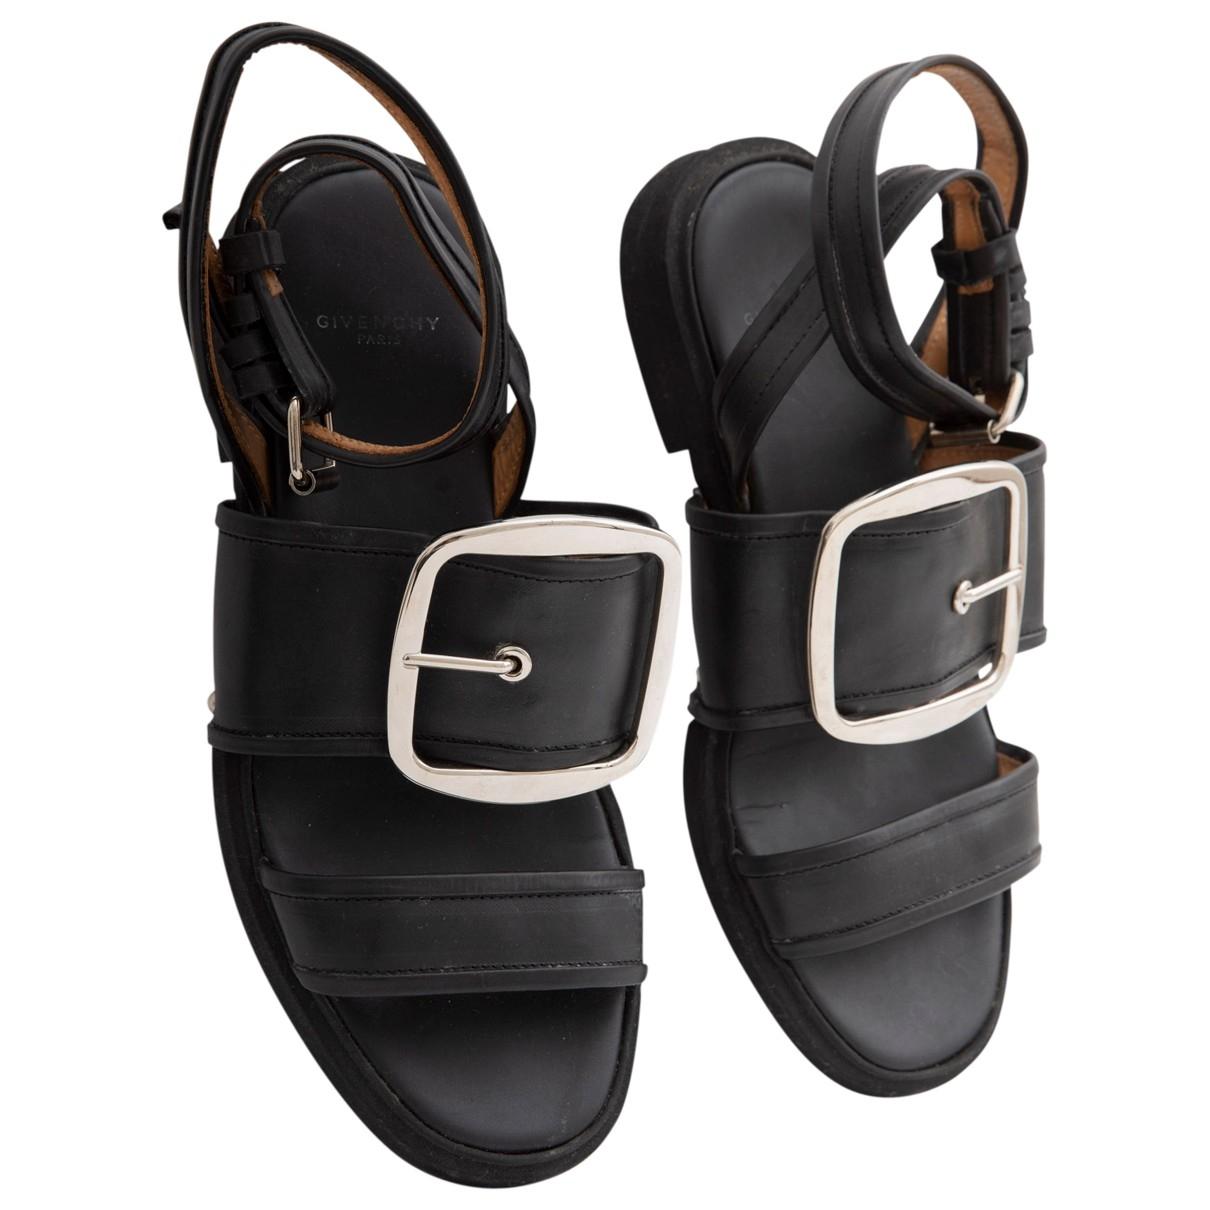 Givenchy - Sandales   pour homme en cuir - noir